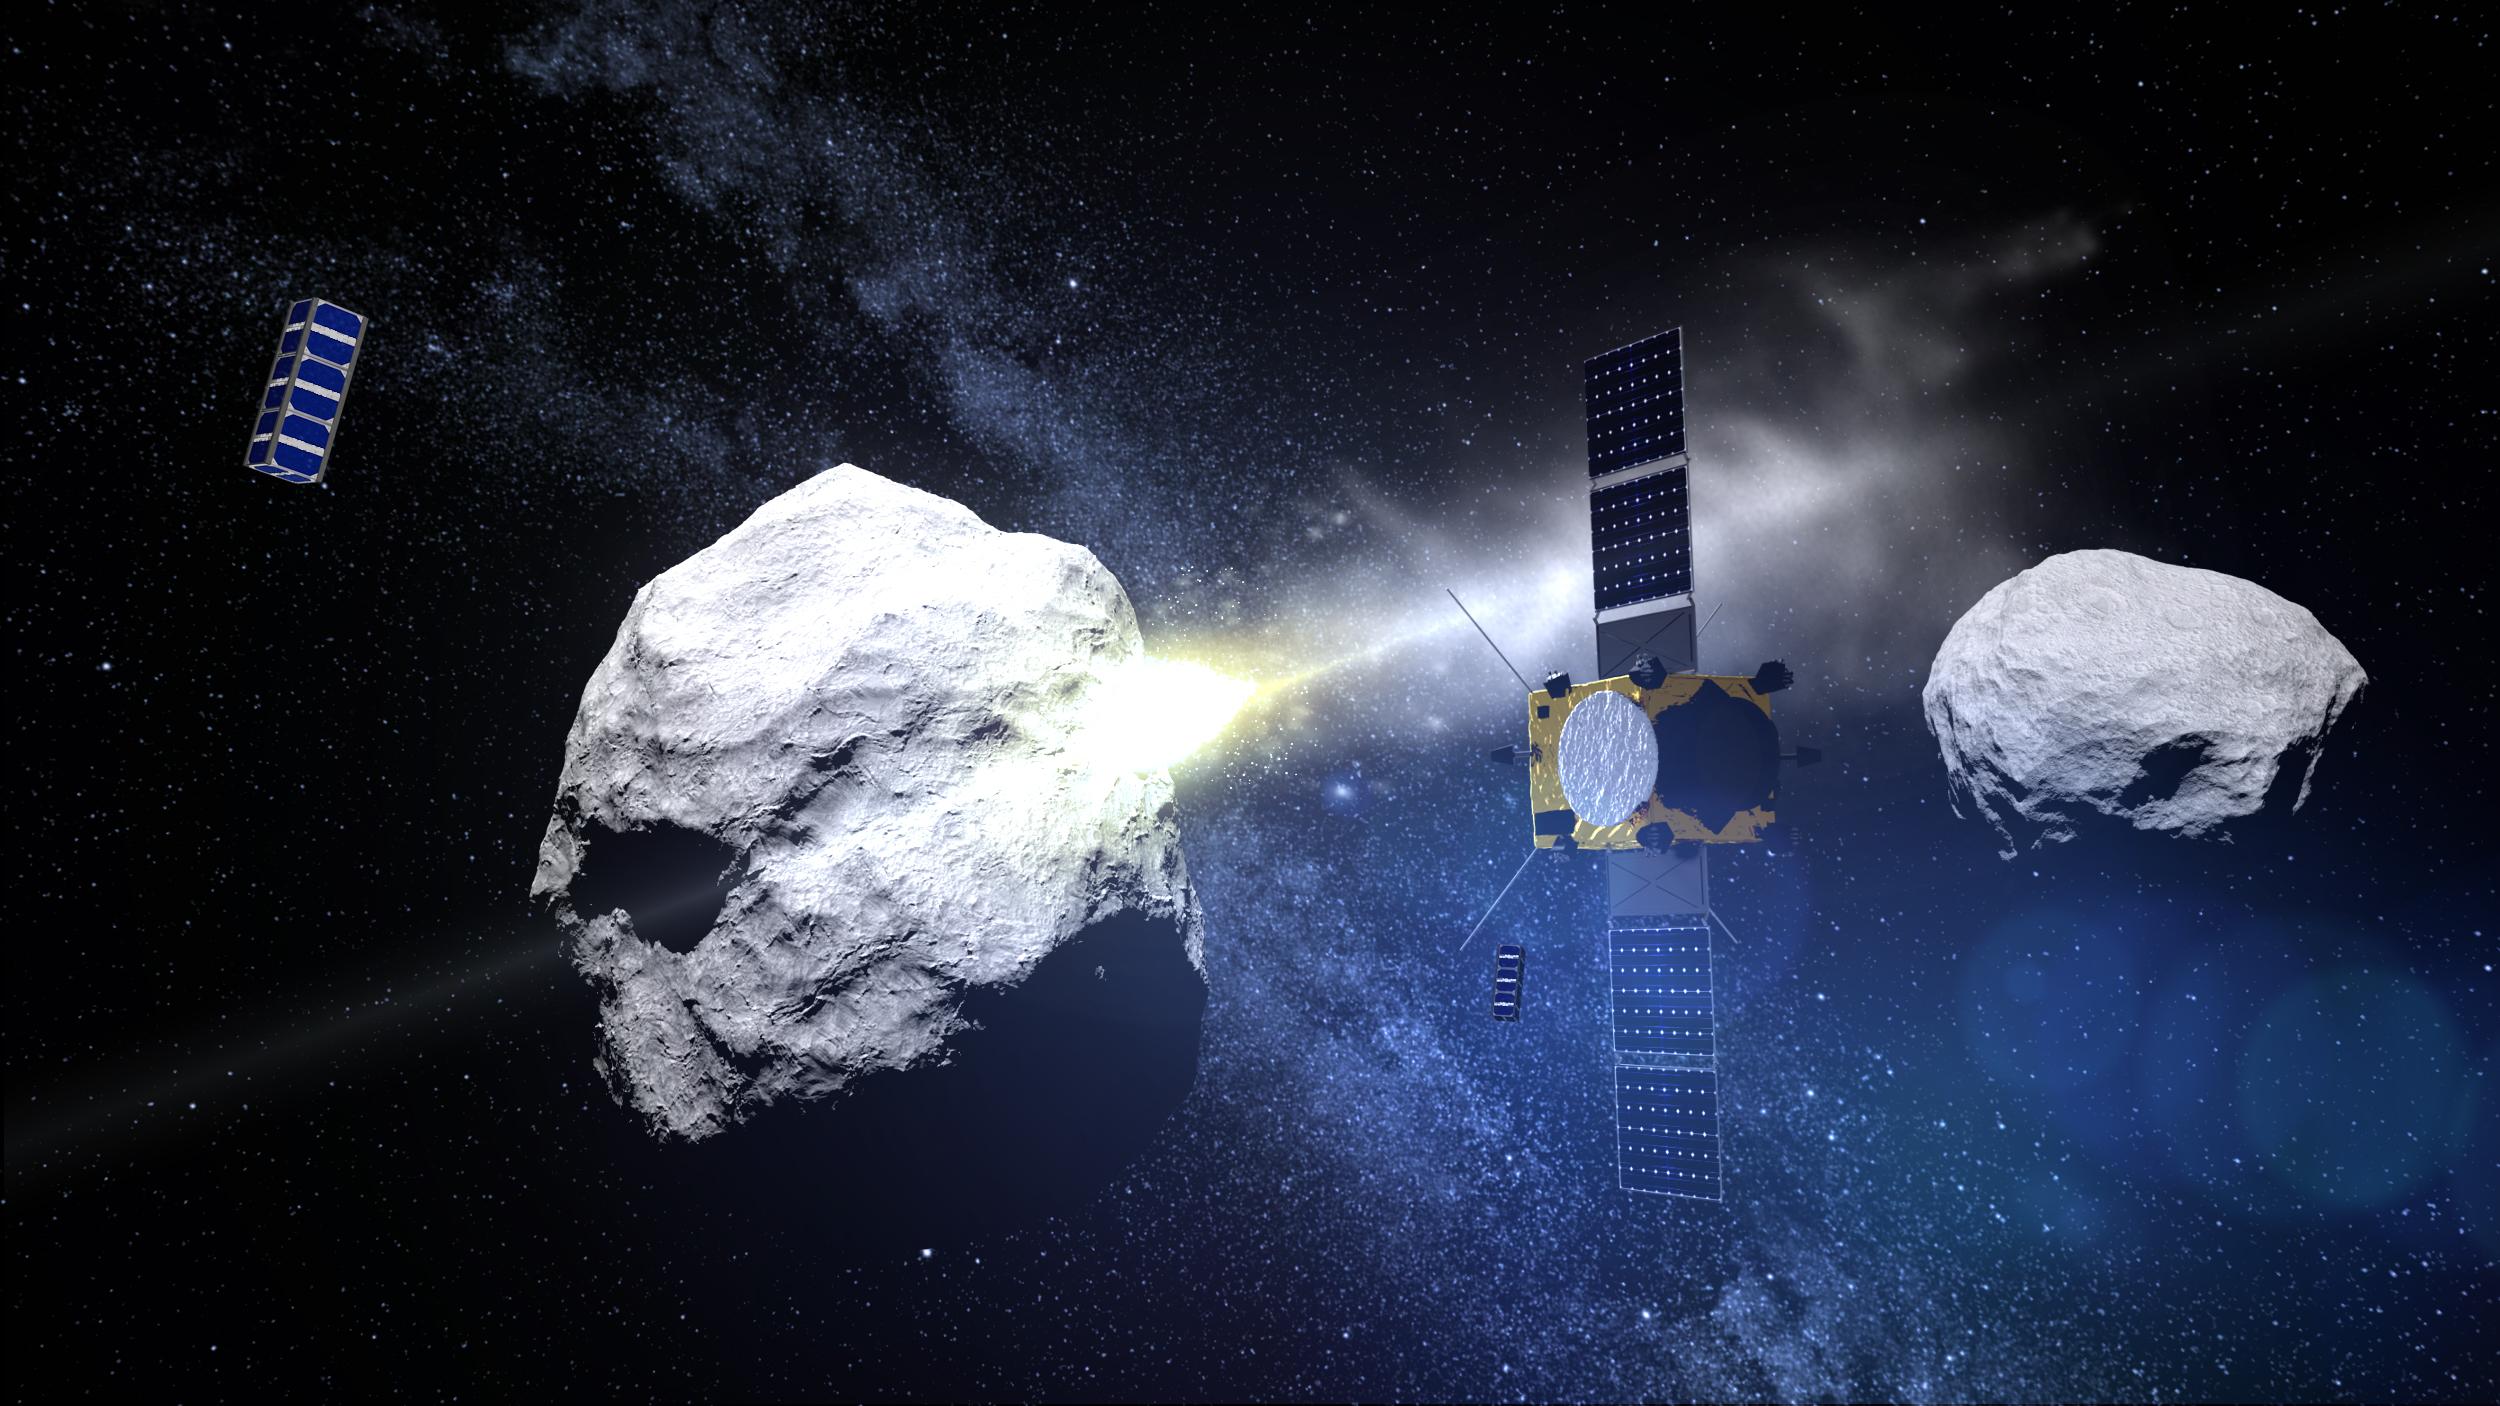 nasa asteroid impact - photo #13